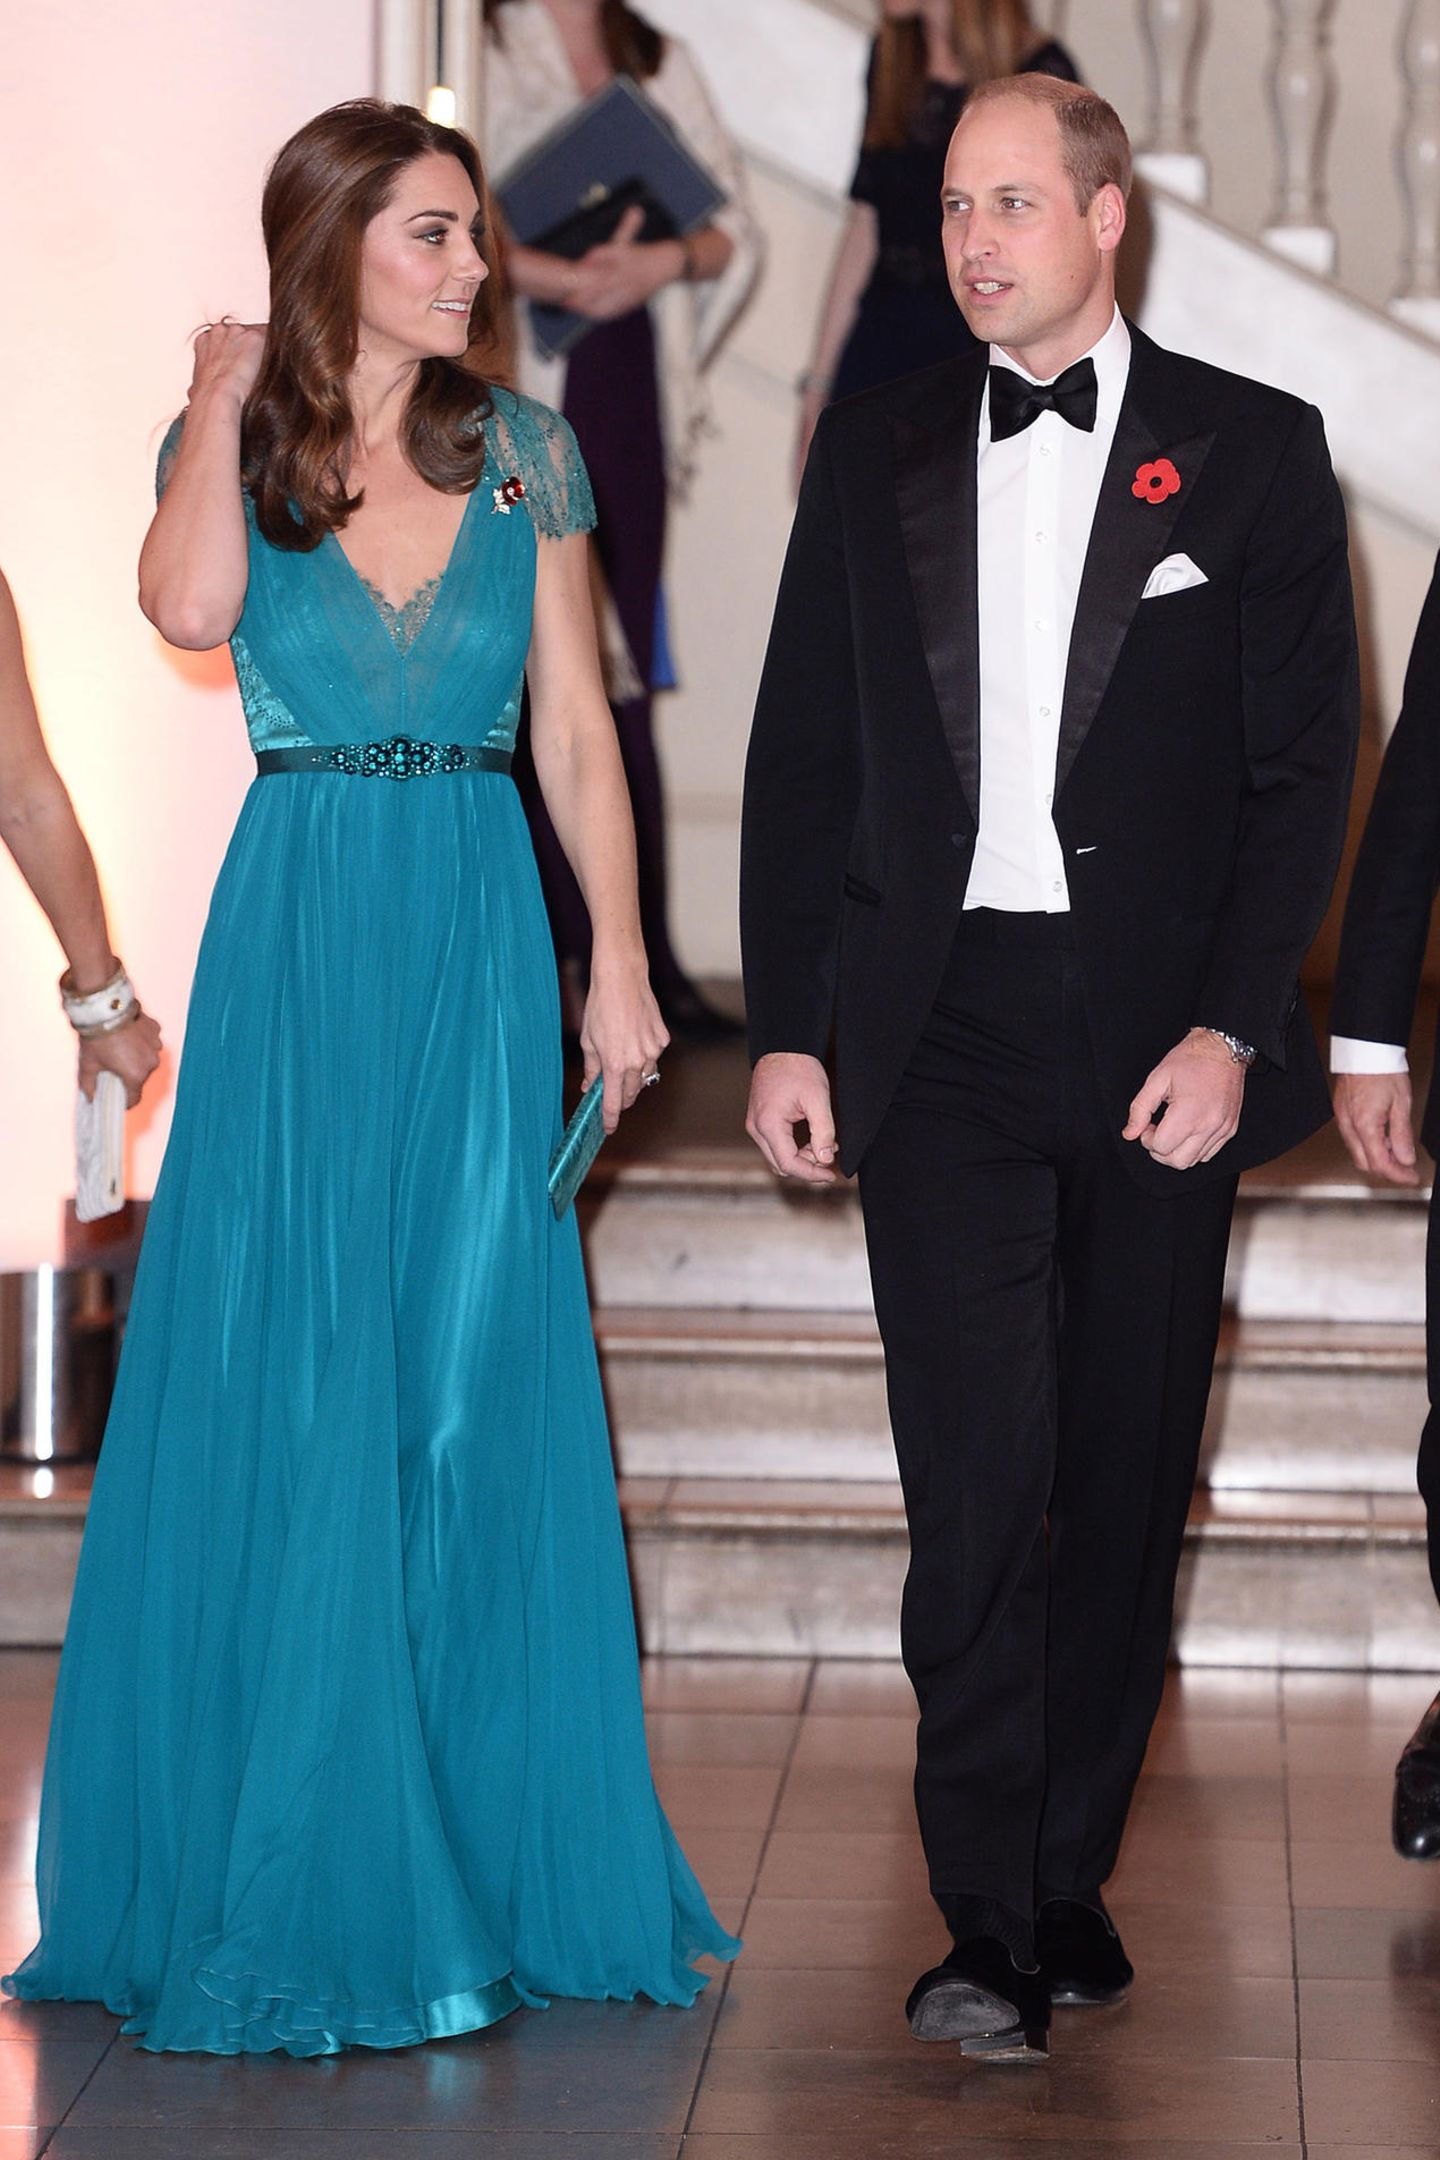 Zu der Verleihung des Tusk Conservation Awards 2018 erscheint Herzogin Catherine in einem türkisfarbenen Kleid von Jenny Packham. Doch es ist nicht das erste Mal, dass Kate dieses Abendkleid trägt. Bereits vor sechs Jahren, 2012, trug sie es bereits. Ein Jahr später, 2013, trug auch ein anderer Royal diesen Look ...